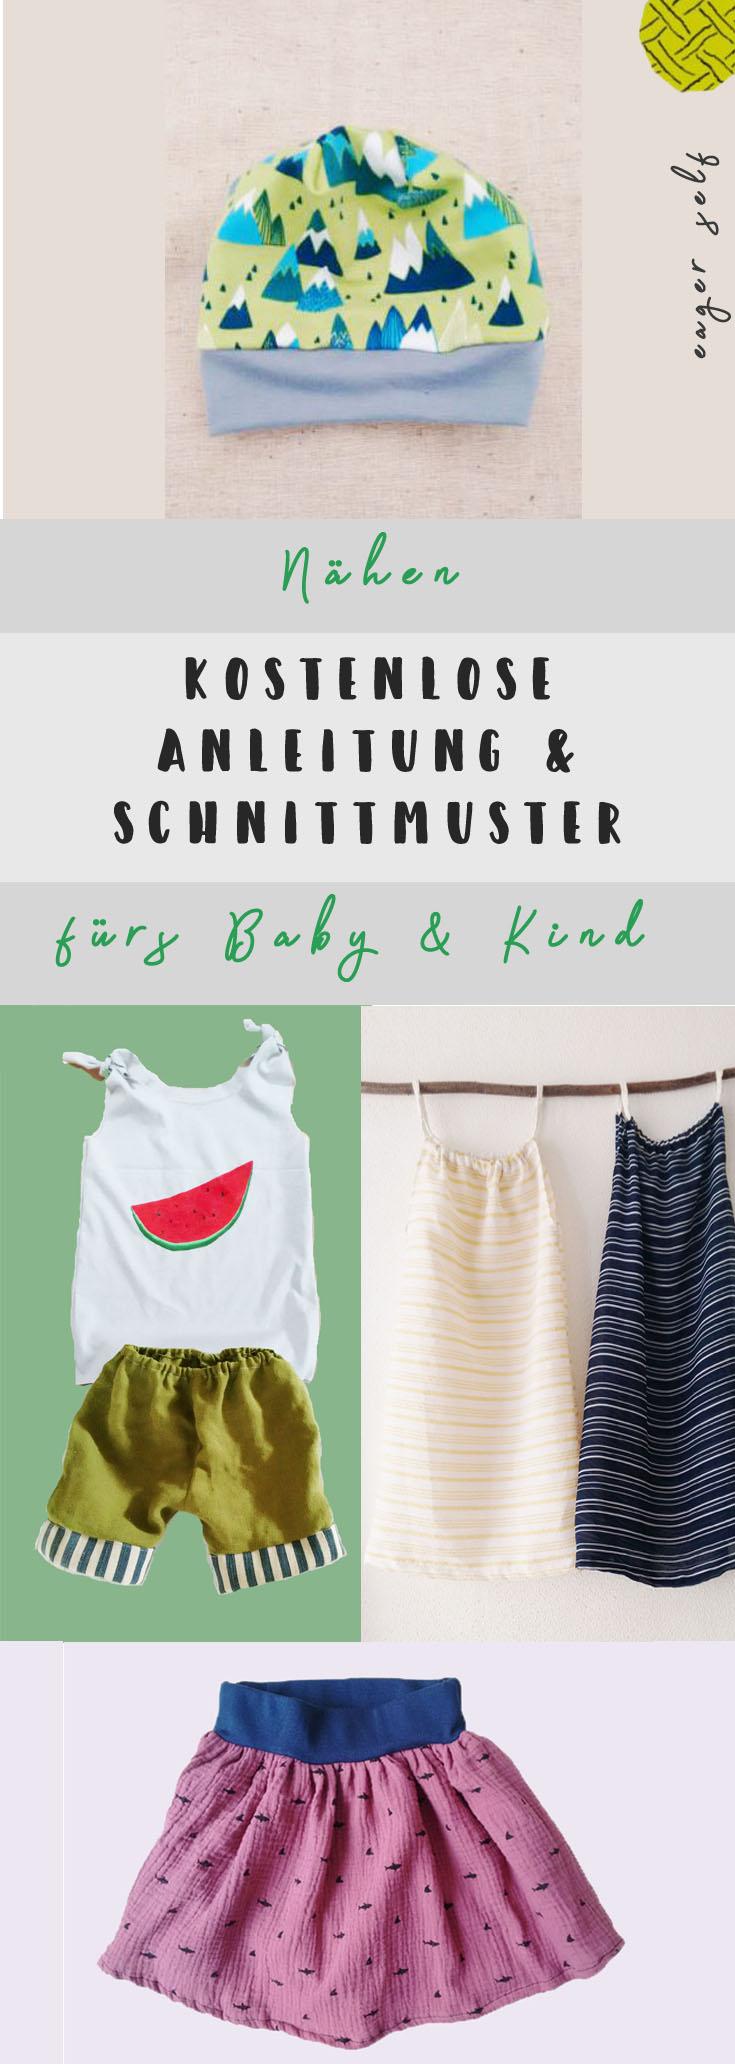 Kostenlose Anleitungen und Schnittmuster für Kinderkleidung und Nähen fürs Baby